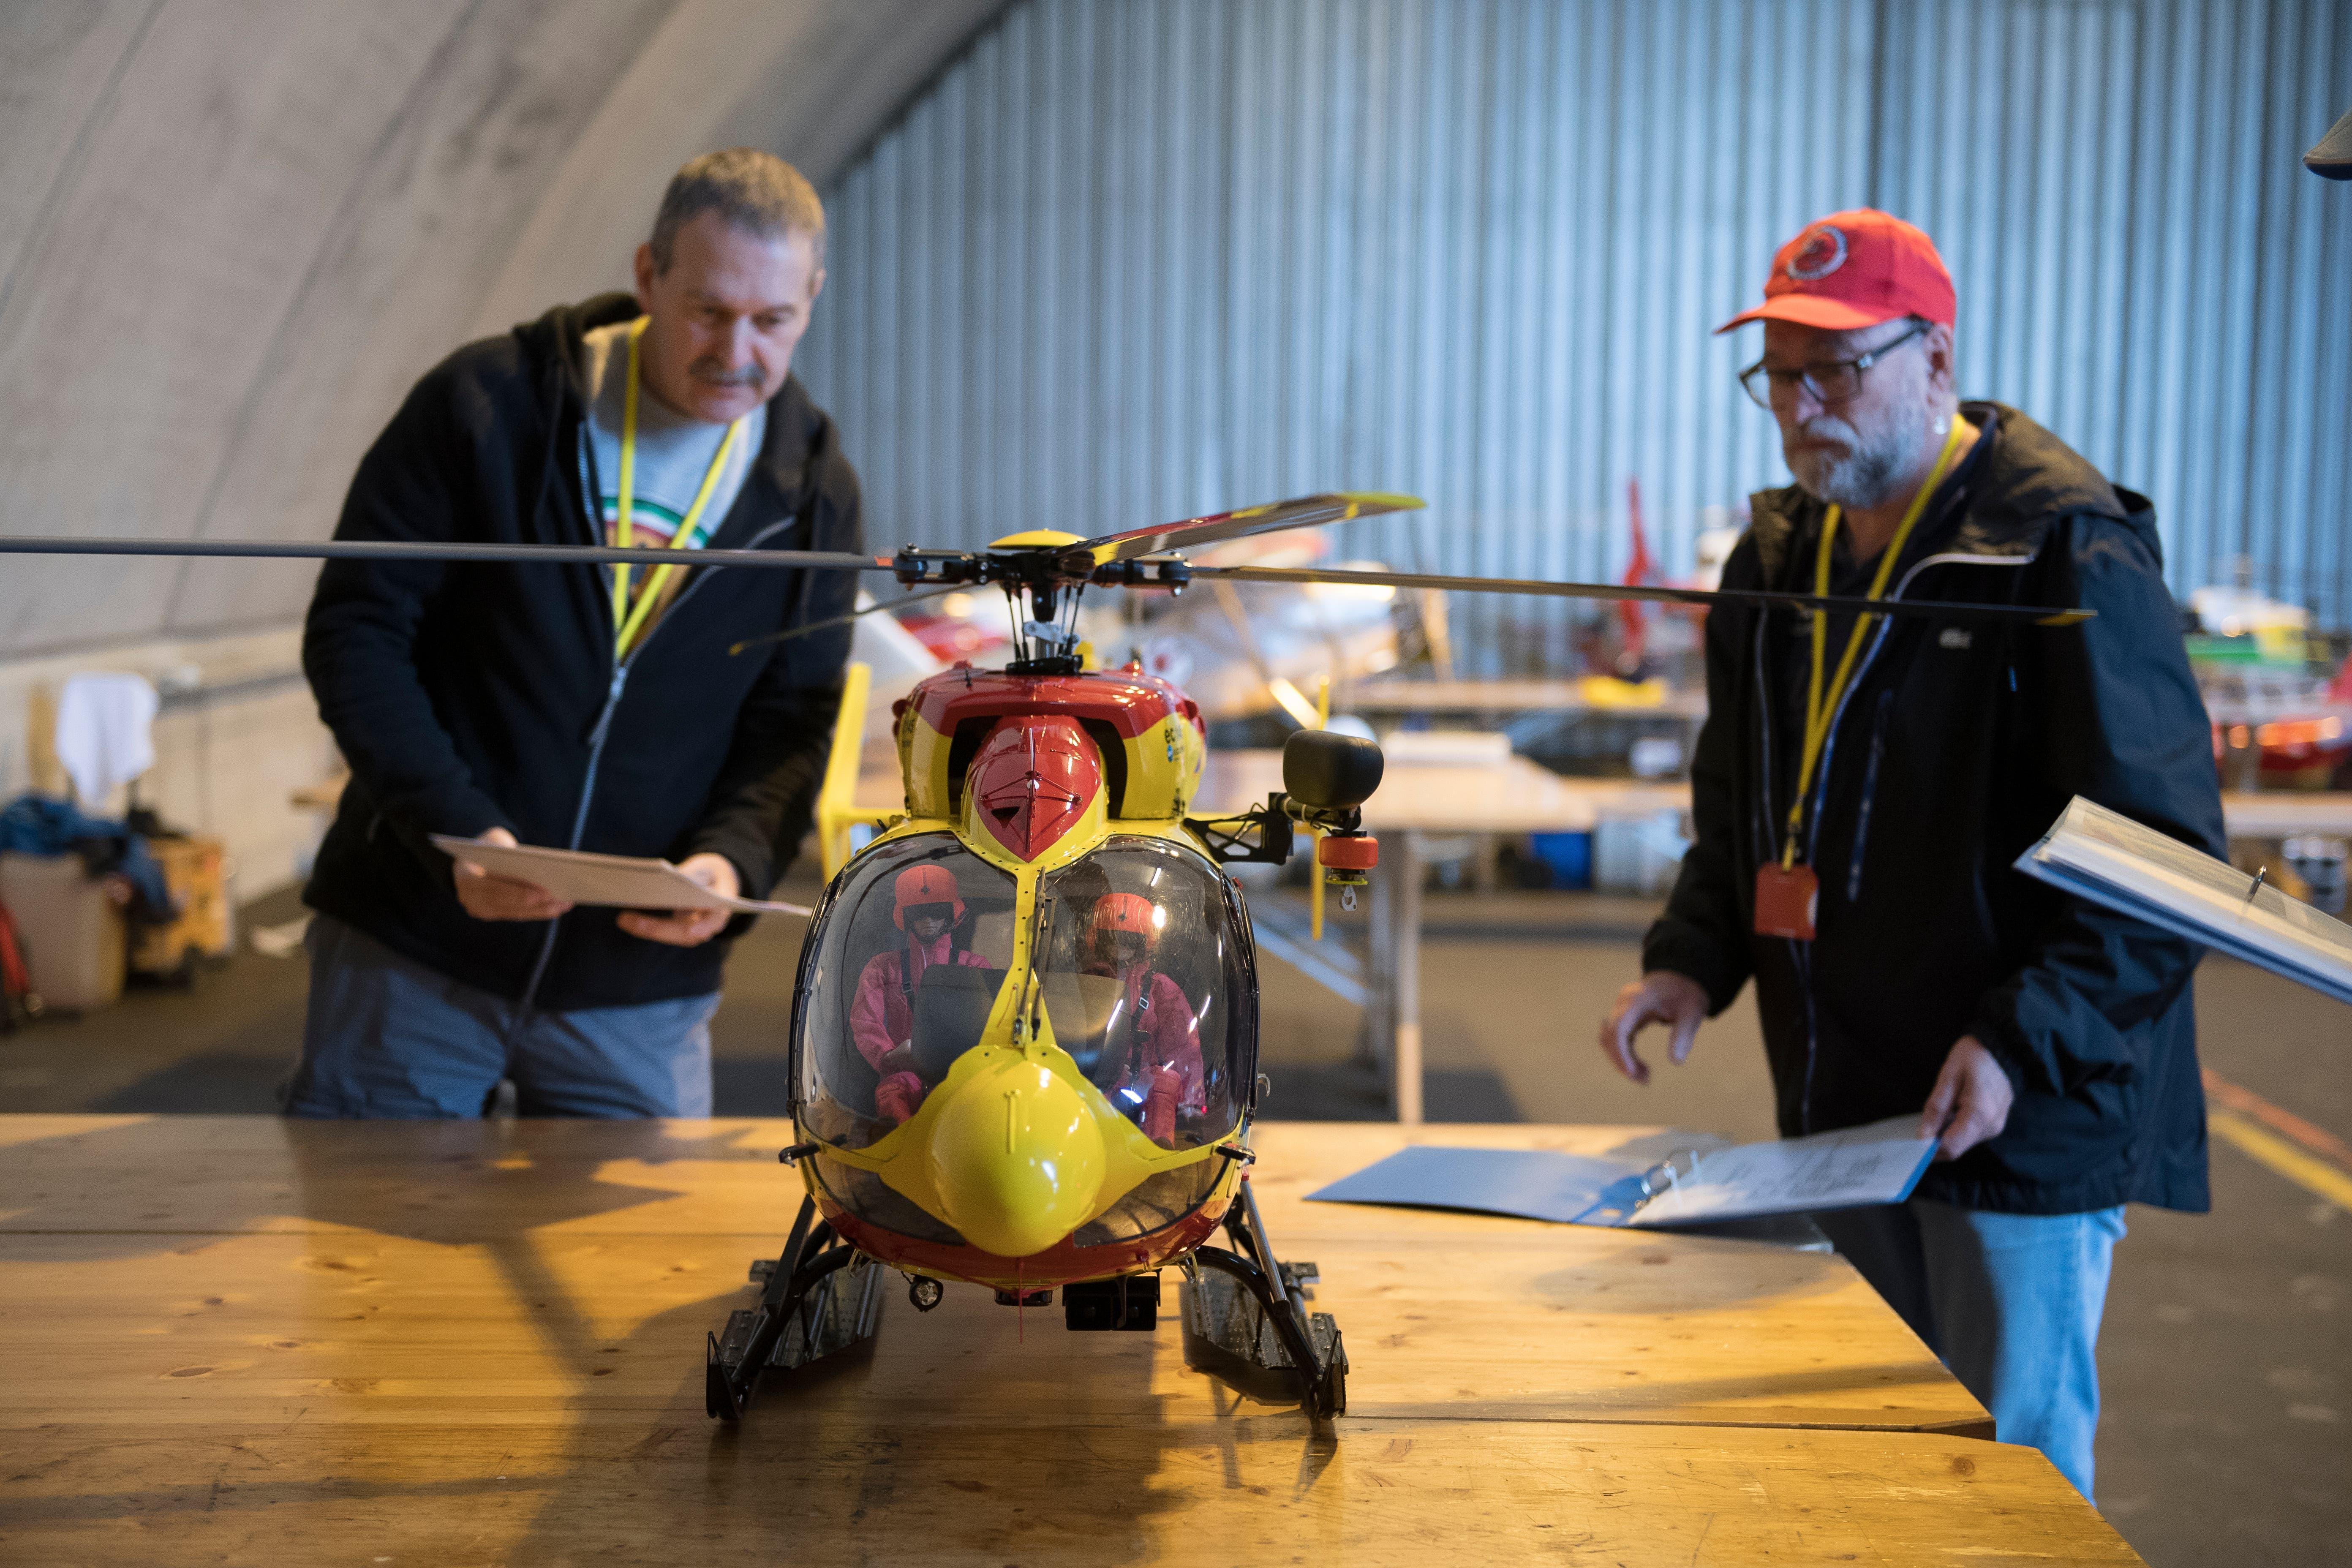 Schweizer Meisterschaft der Modellflugpiloten beim Flugplatz Alpnach. Im Bild die Richter links Steve Giacomini und Urs Gander. Corinne Glanzmann (Alpnach, 01. September 2018)